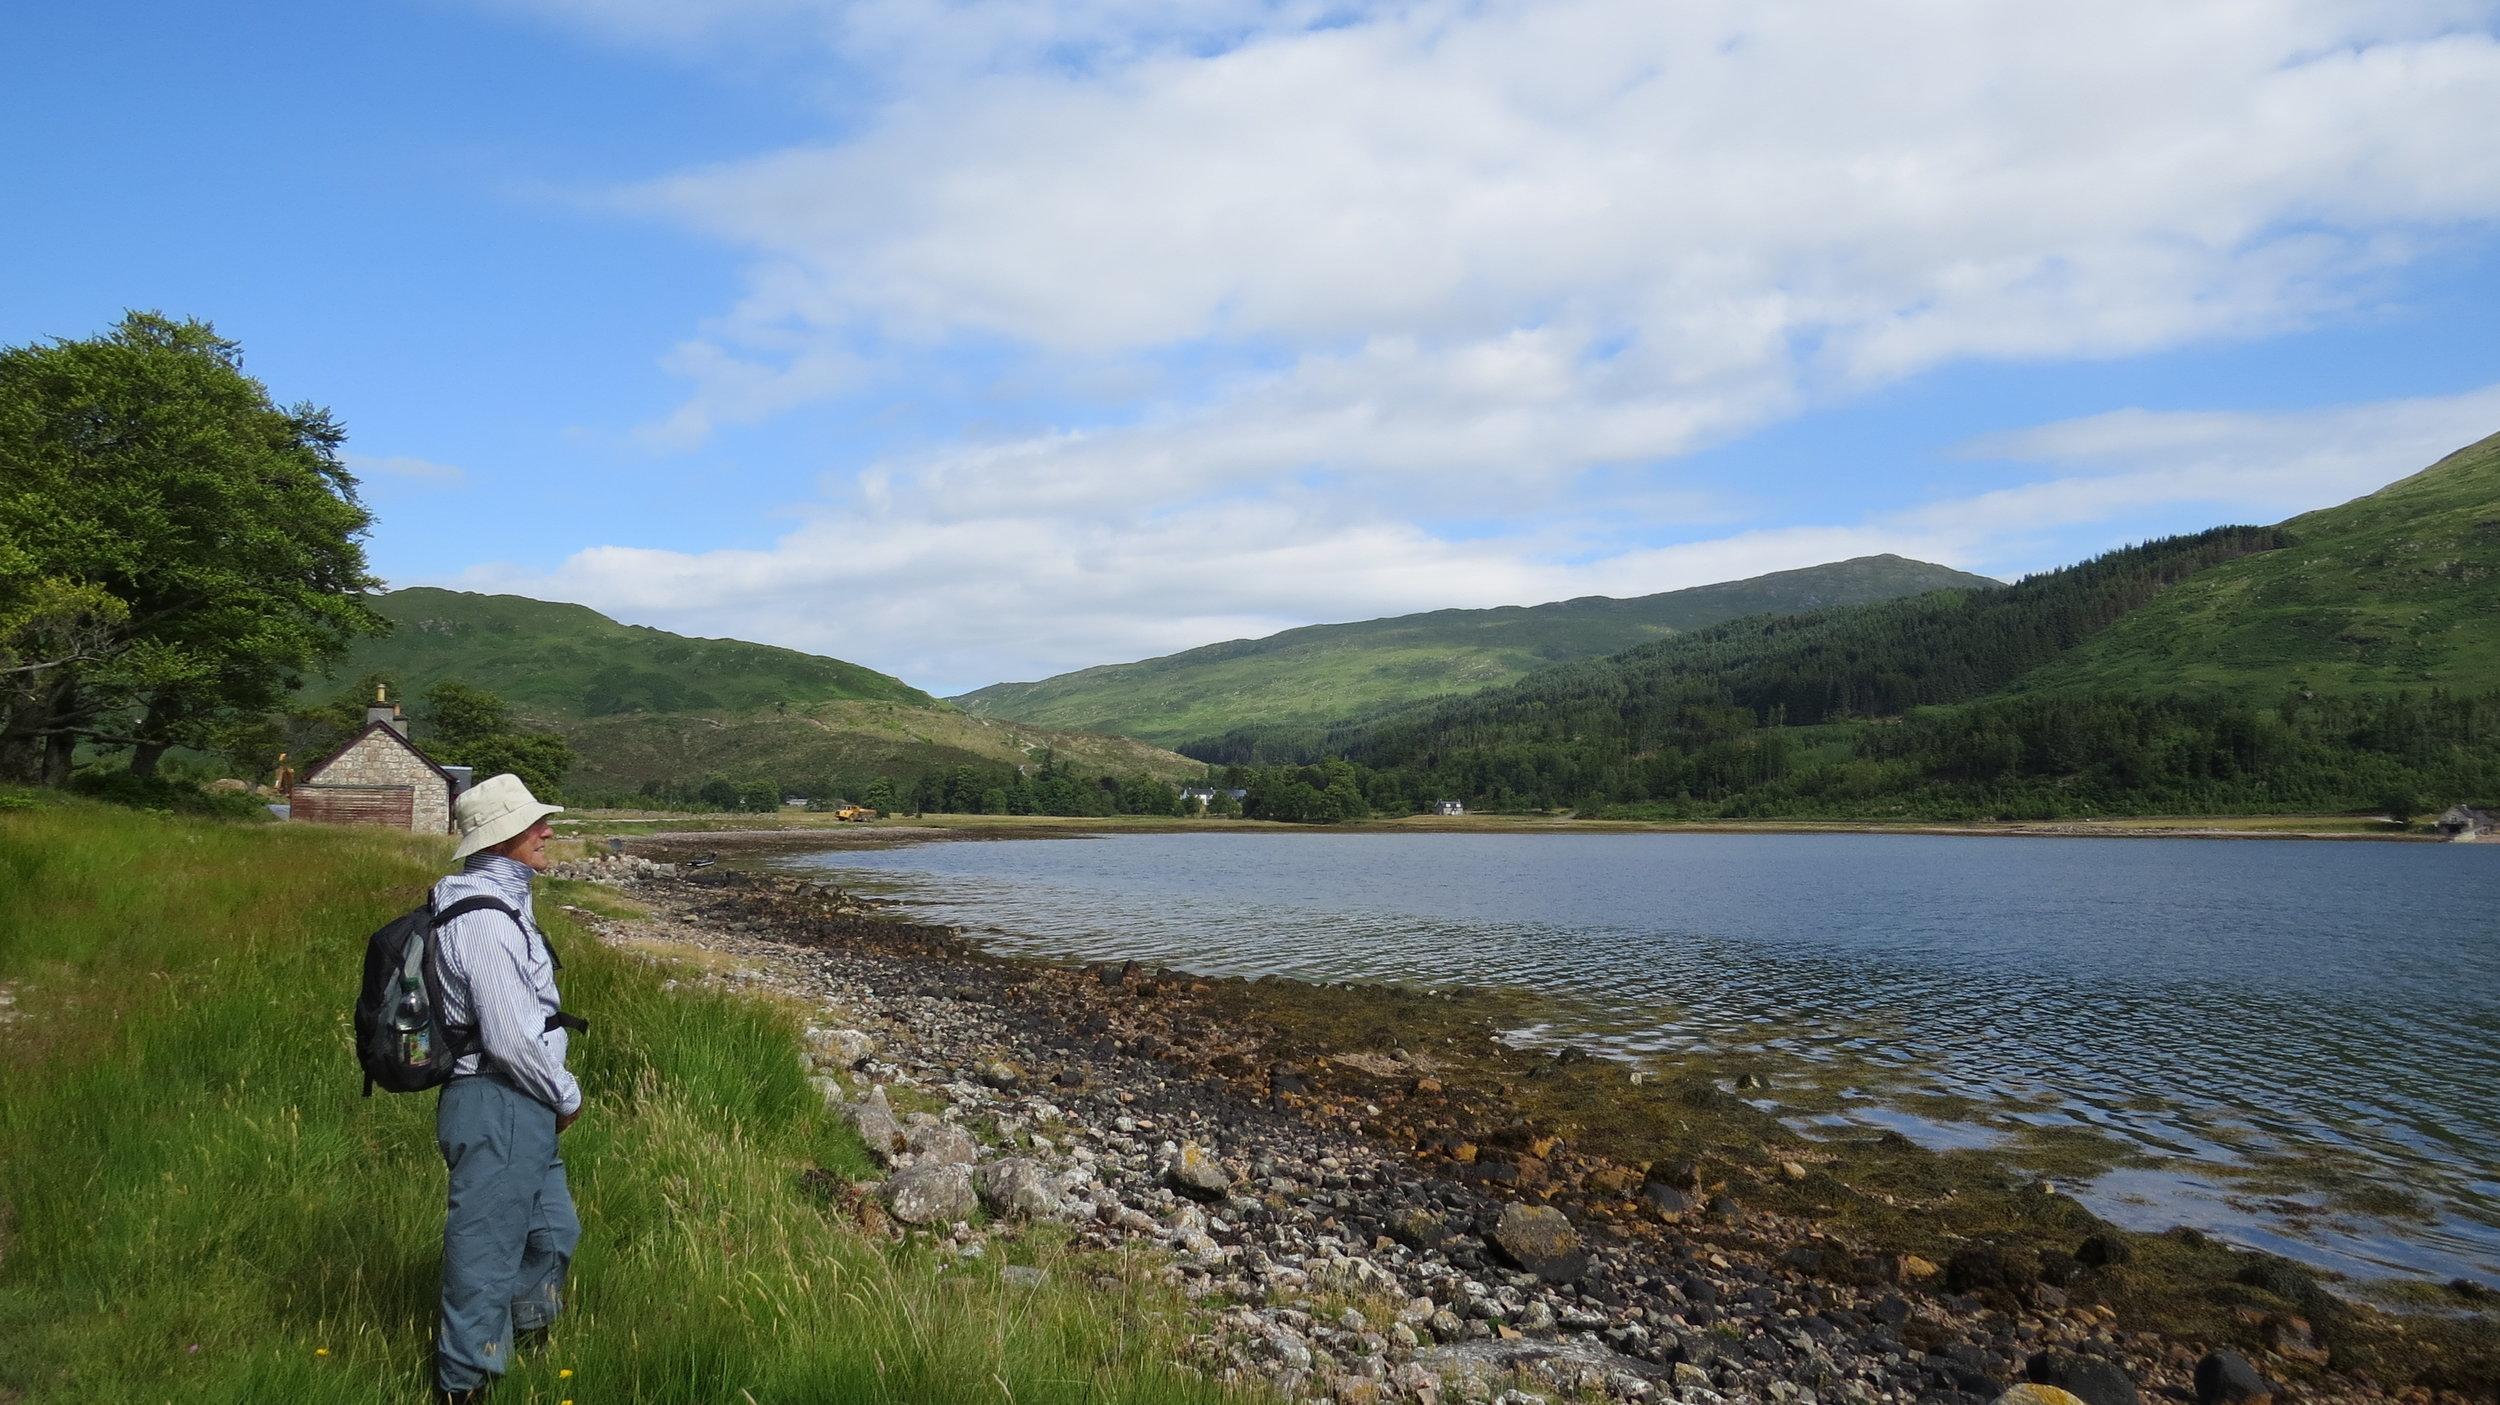 Loch a Choire